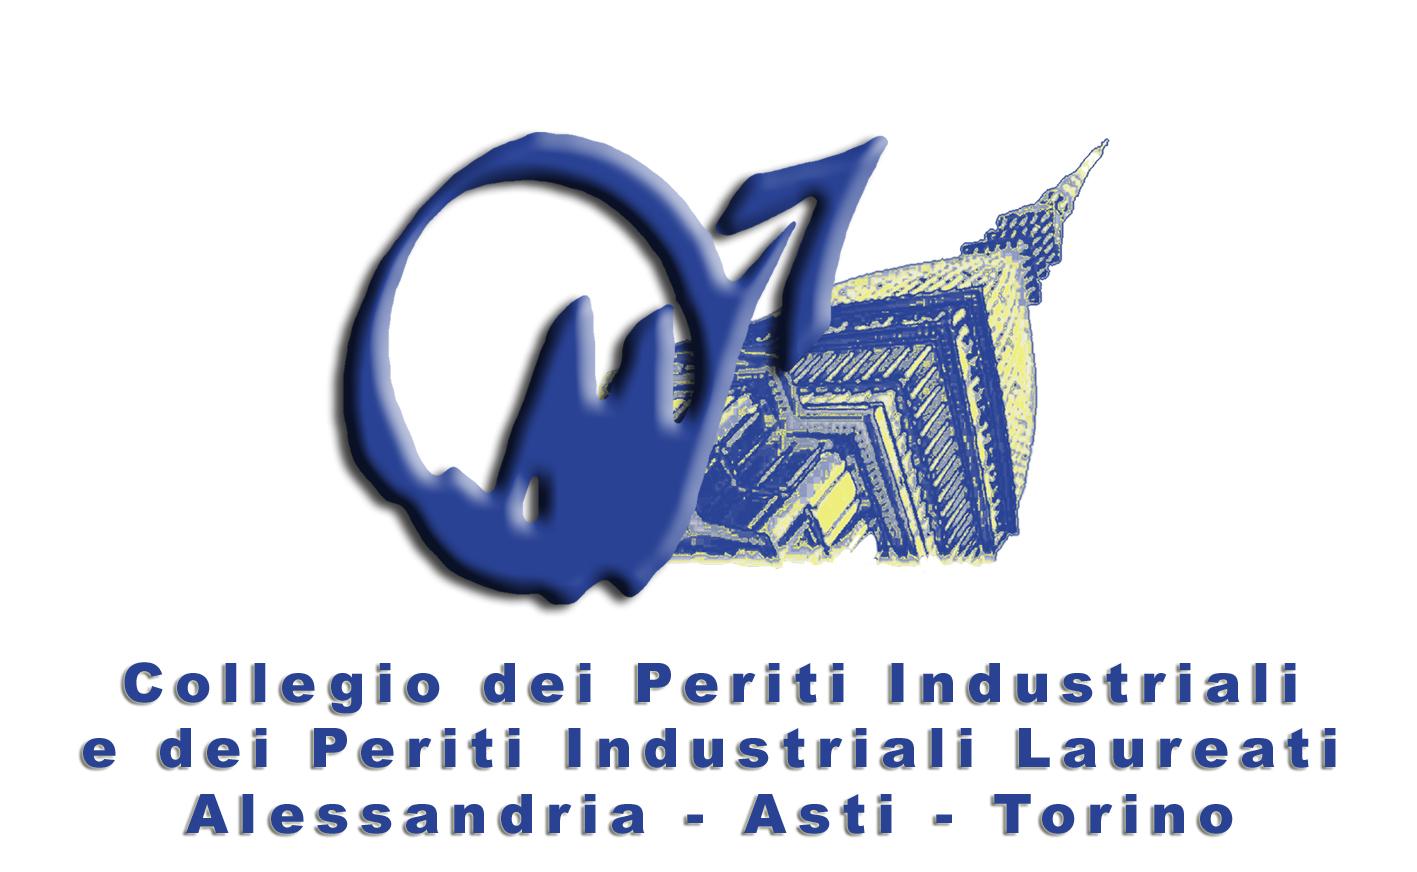 Collegio dei Periti Industriali e Periti Industriali Laureati di Alessandria Asti Torino